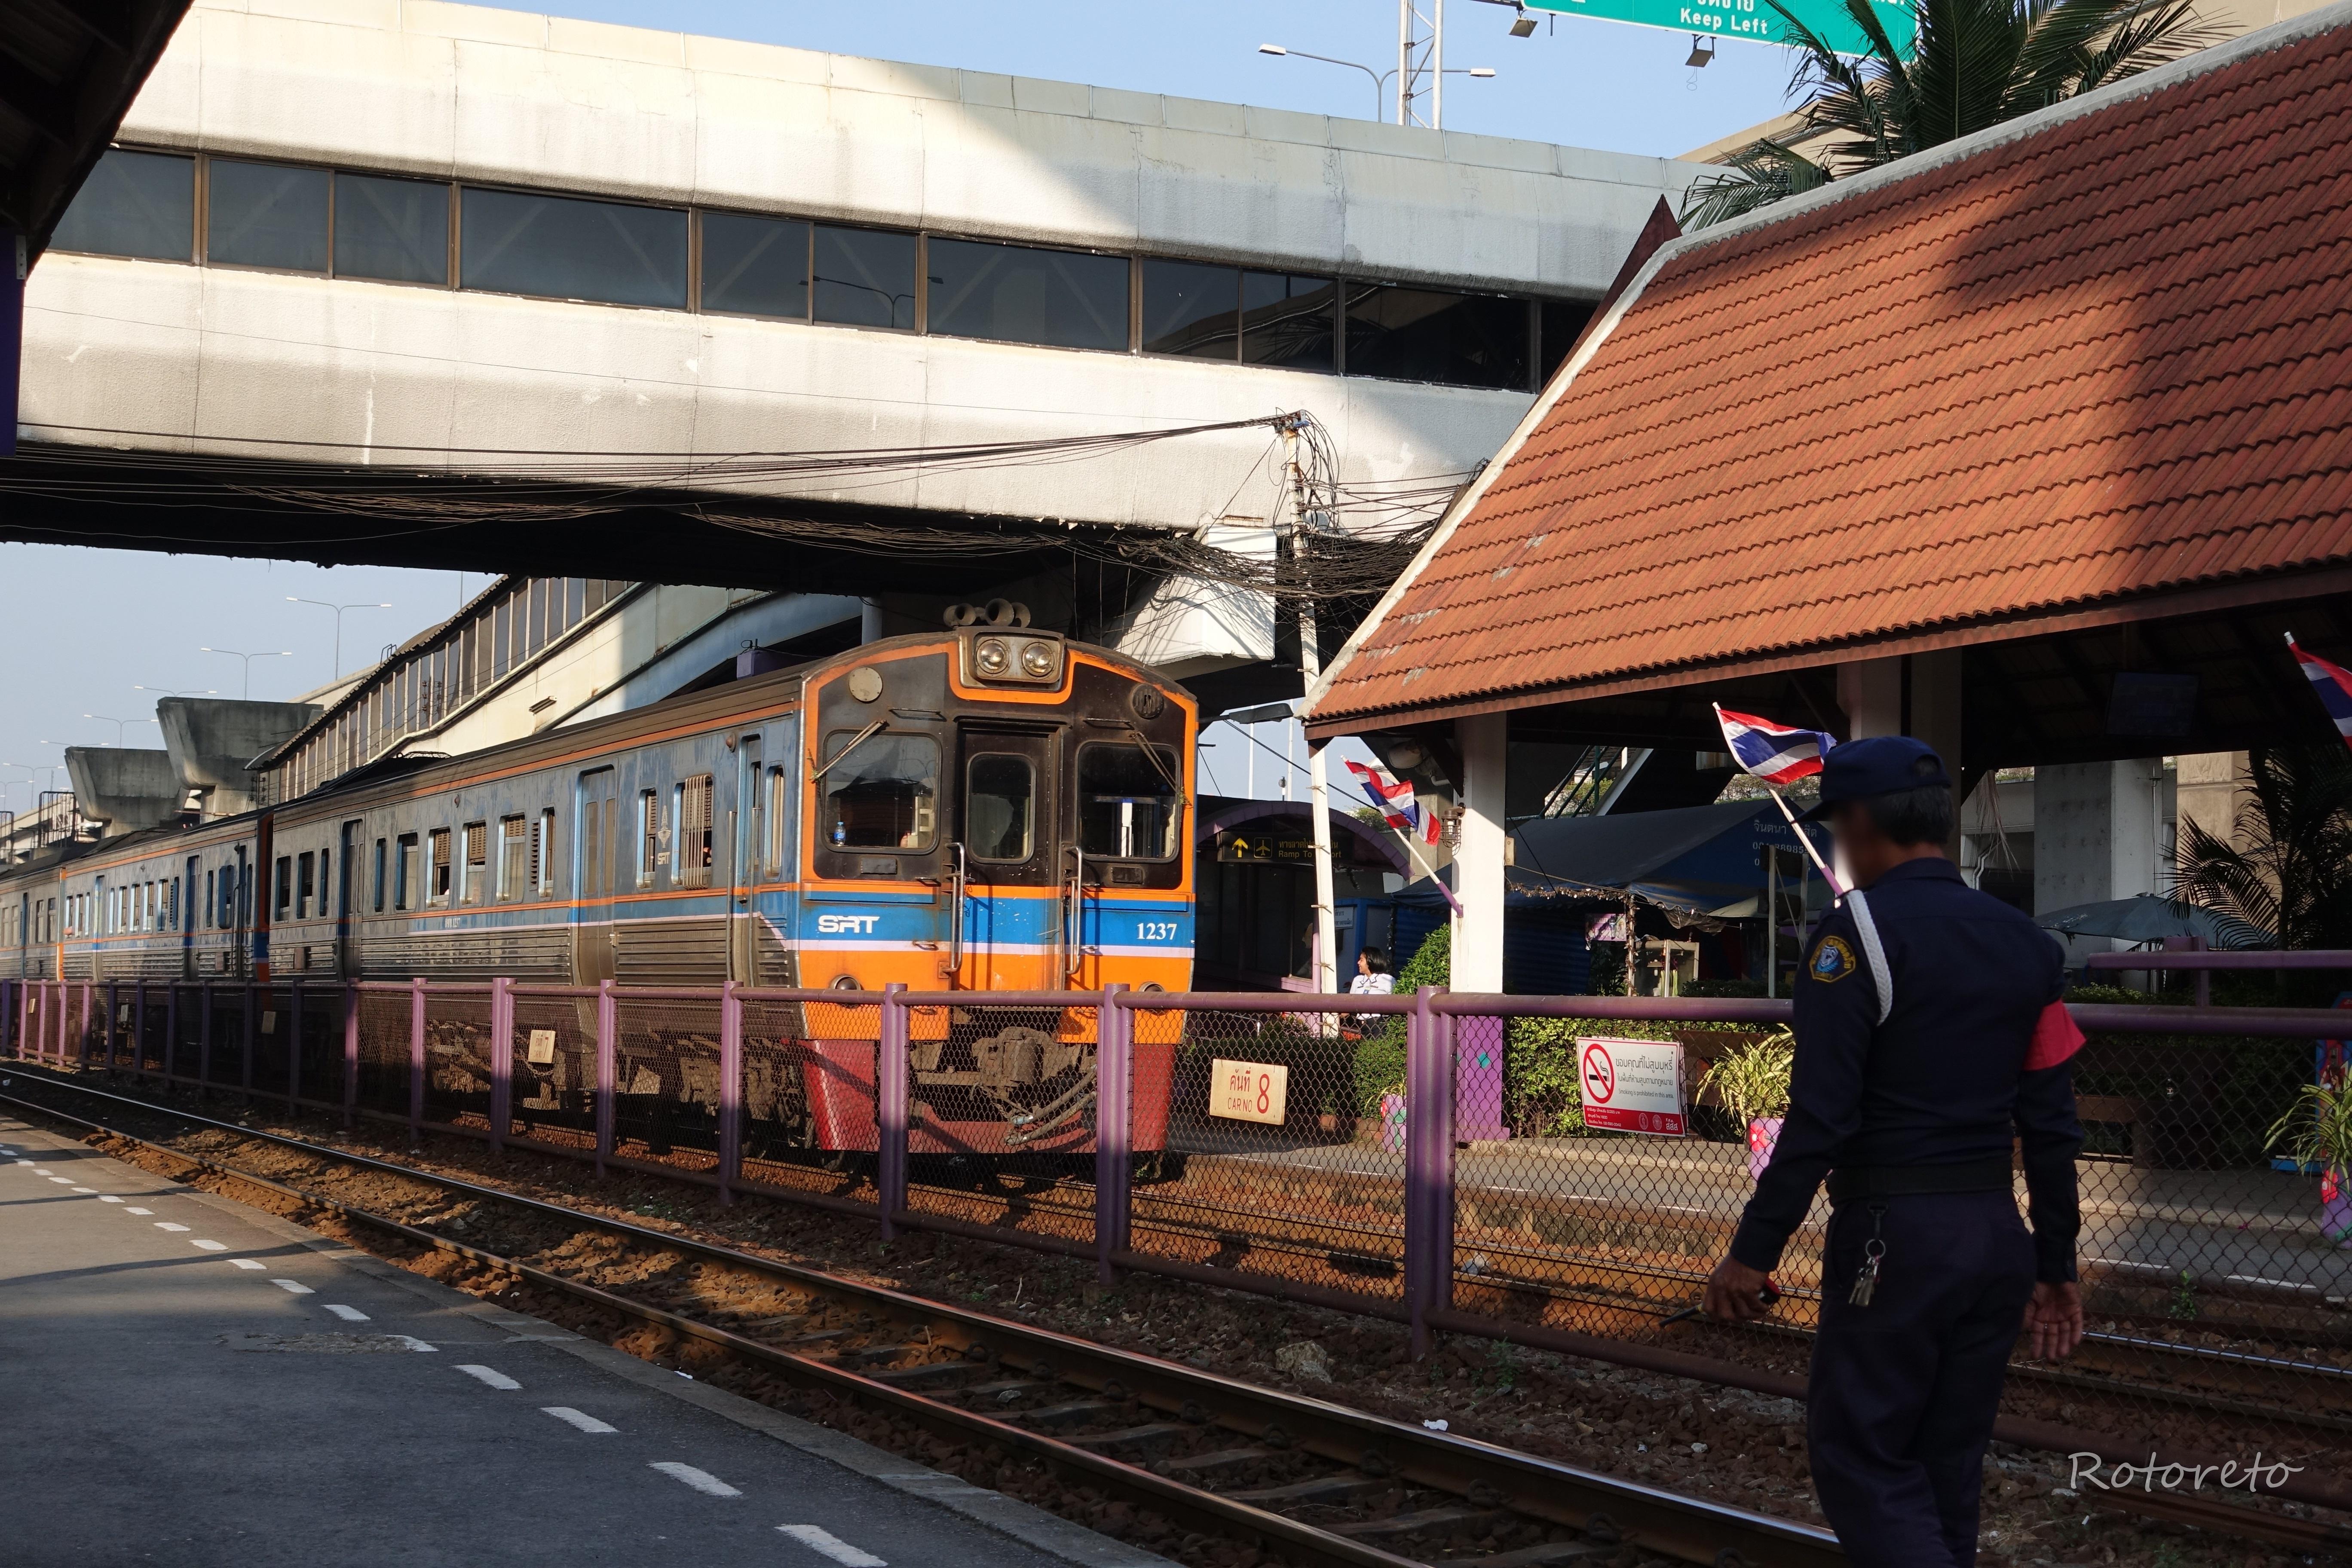 【タイ・バンコク2】ドンムアン空港から遺跡の町アユタヤへ(2017年11月)